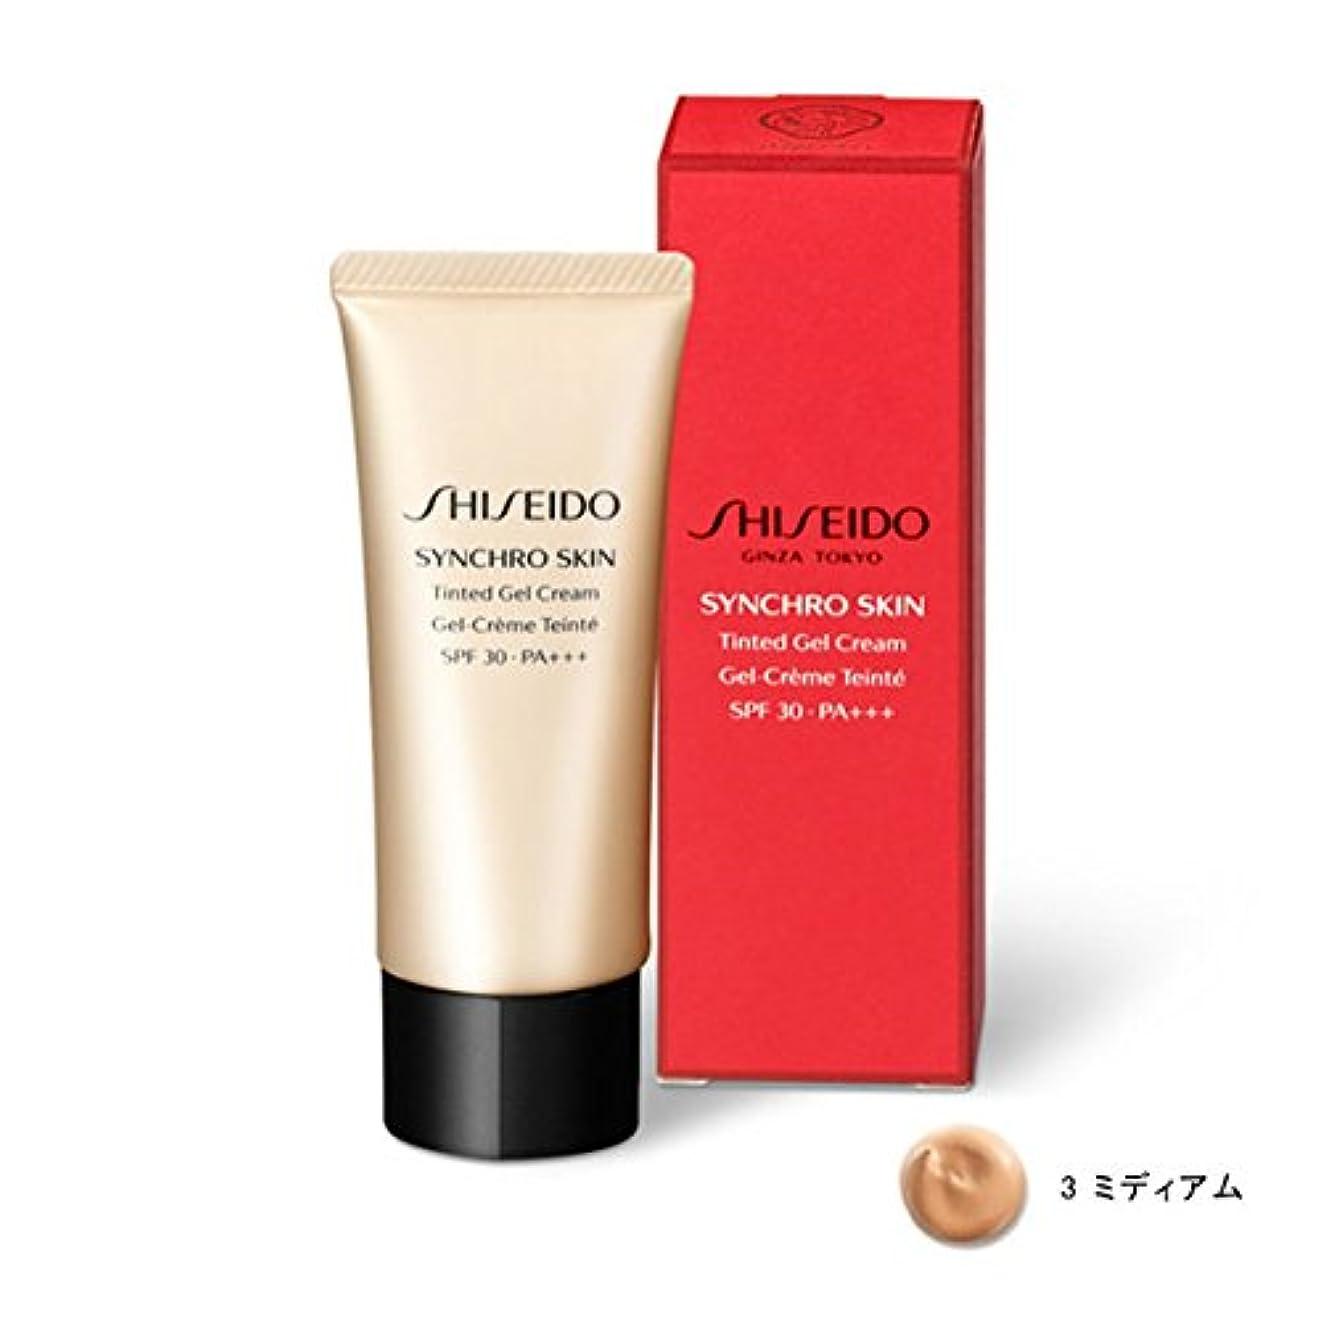 最も関連付けるマイルドSHISEIDO Makeup(資生堂 メーキャップ) SHISEIDO(資生堂) シンクロスキン ティンティッド ジェルクリーム (3 ミディアム)